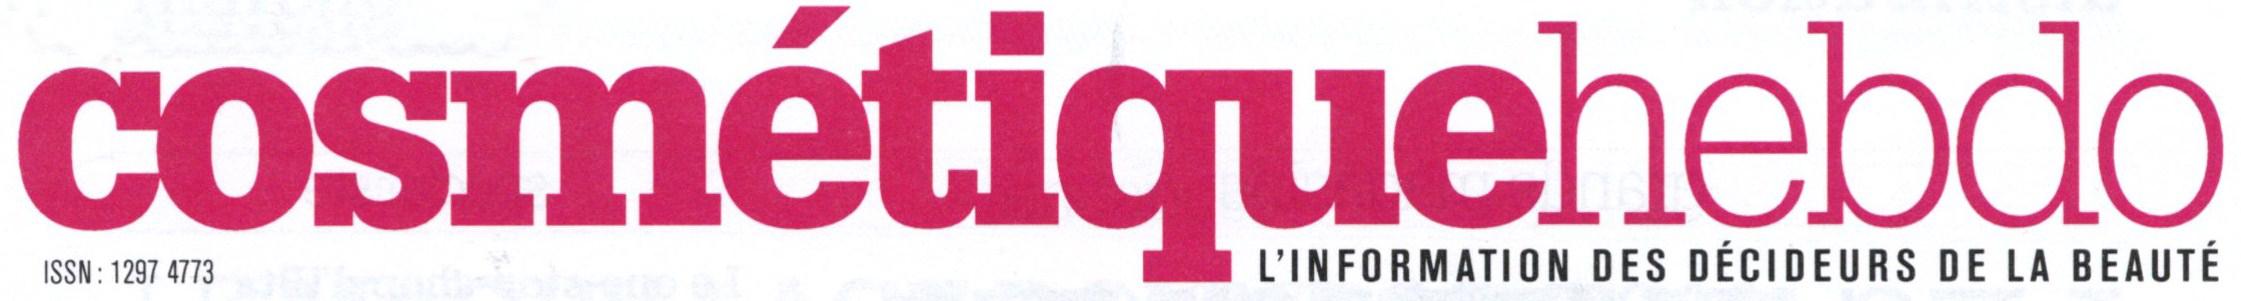 cosmetiquehebdo-logo.jpg